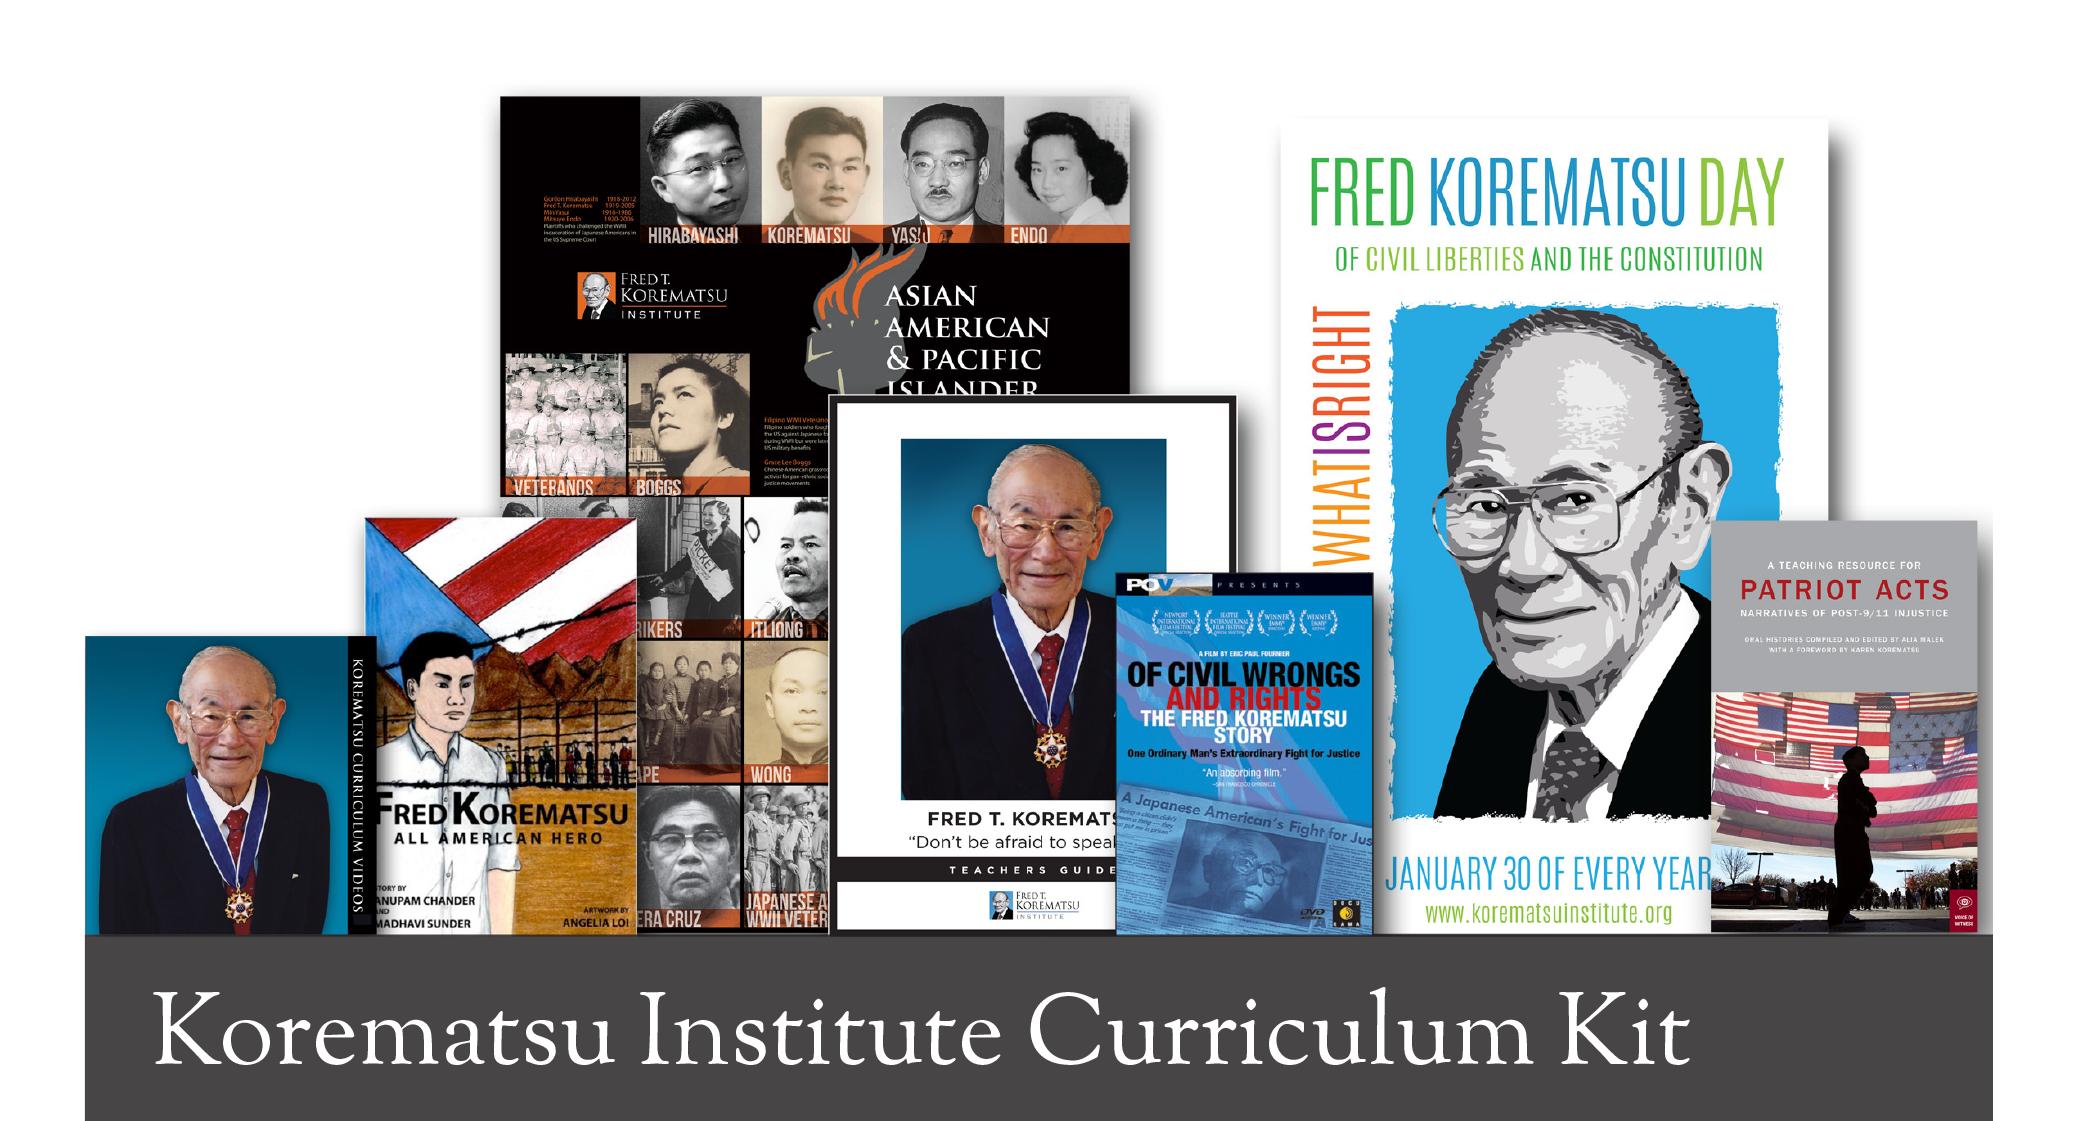 KI_teaching kit-01.png